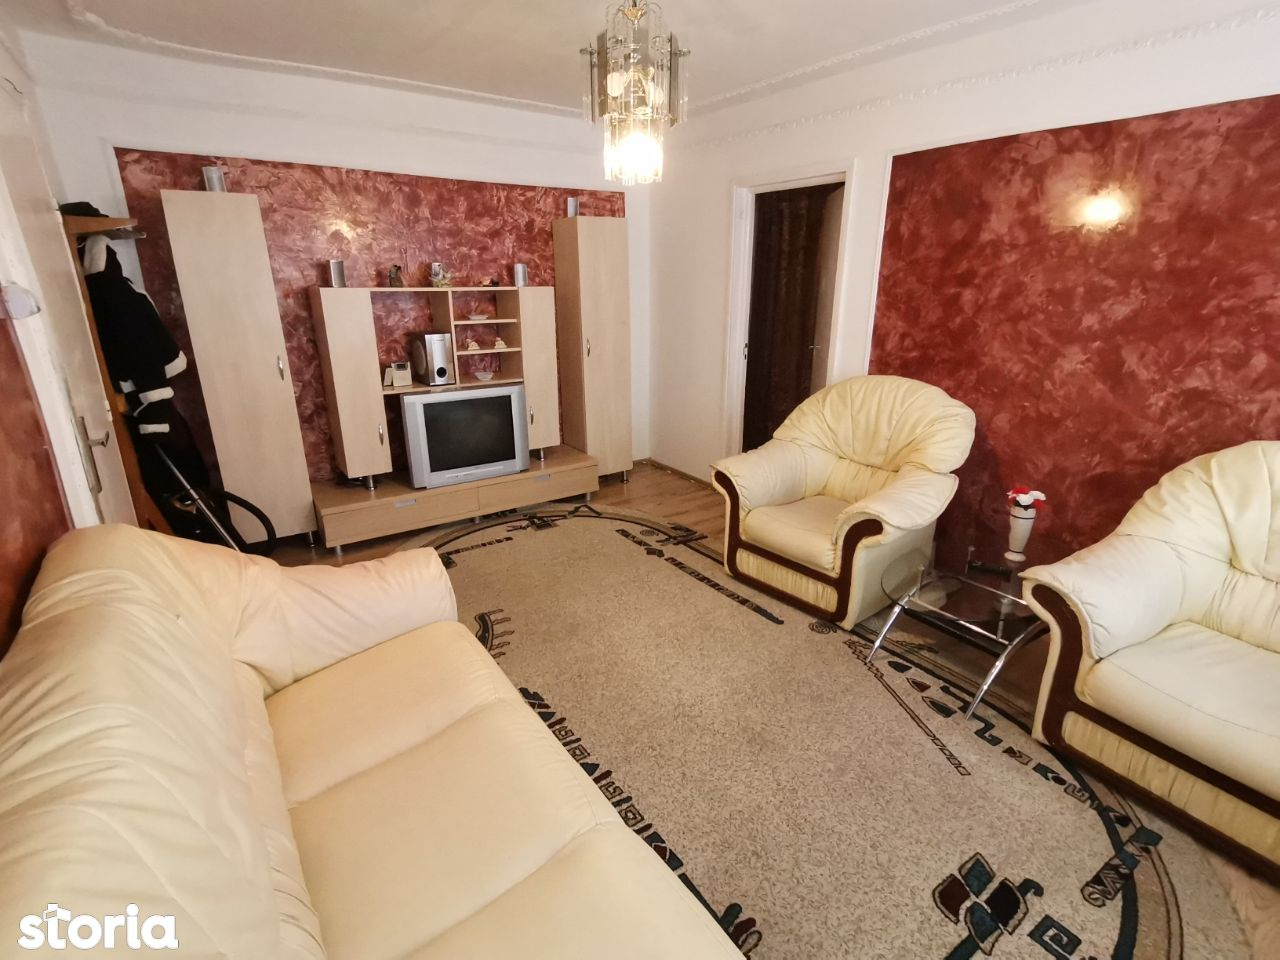 INCHIRIEZ apartament 2 camere semidecomandat,zona Terezian